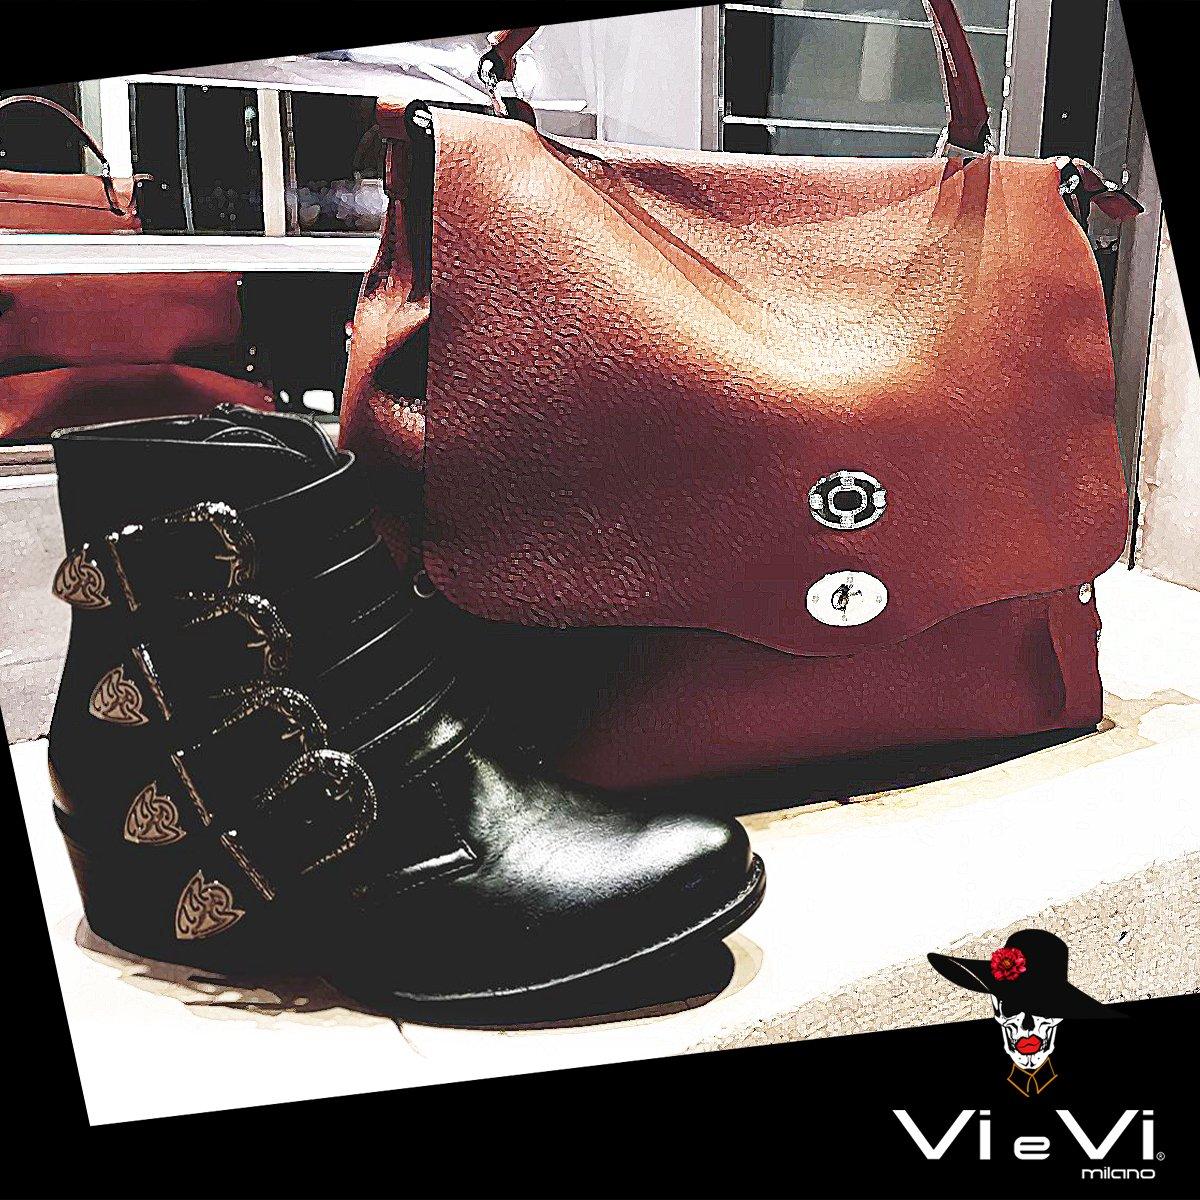 more photos 6221f eb5d3 Vi e Vi Milano (@VieViMilano) | Twitter